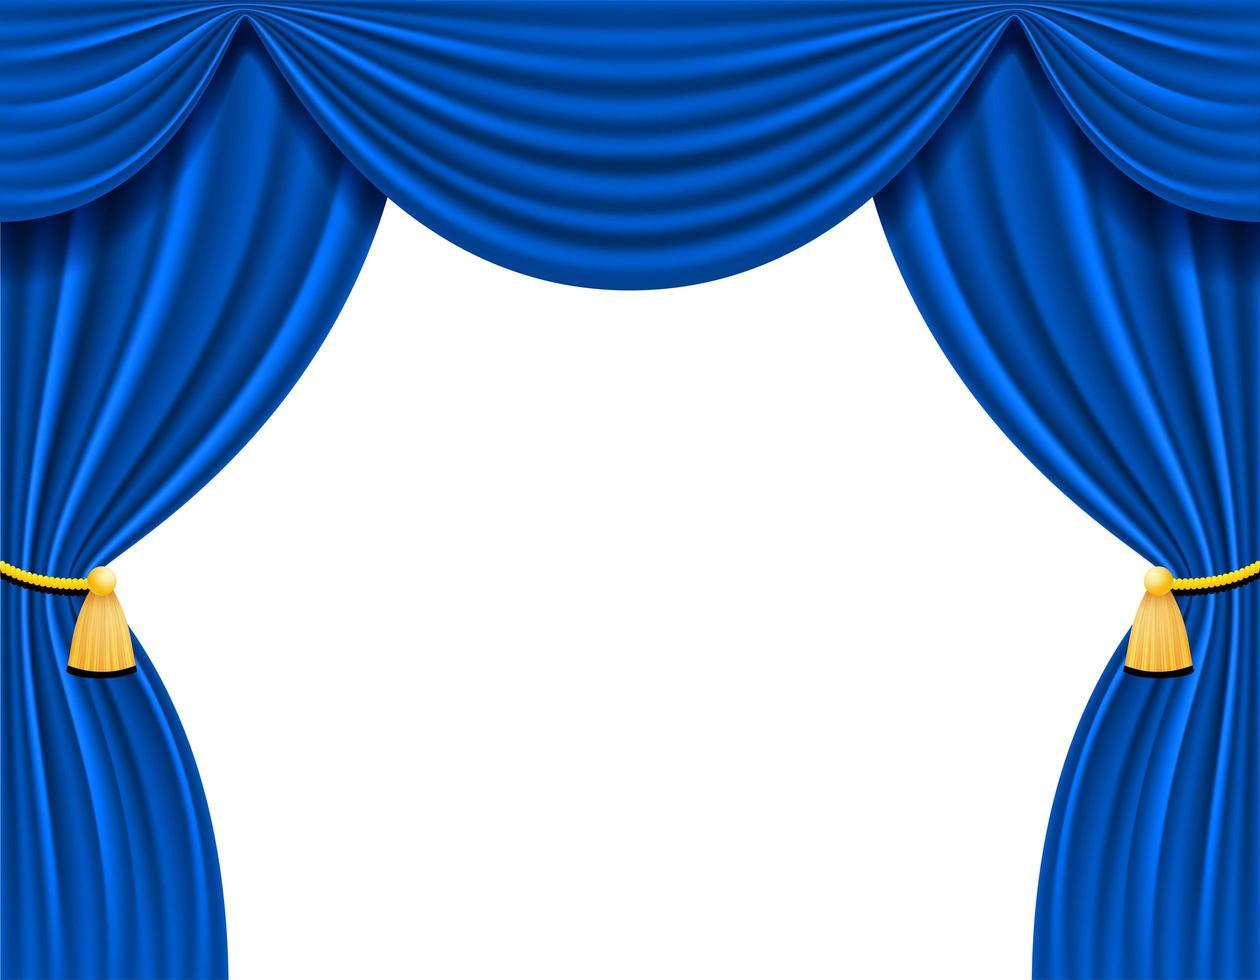 Cortina teatral azul para la ilustración de vector de diseño